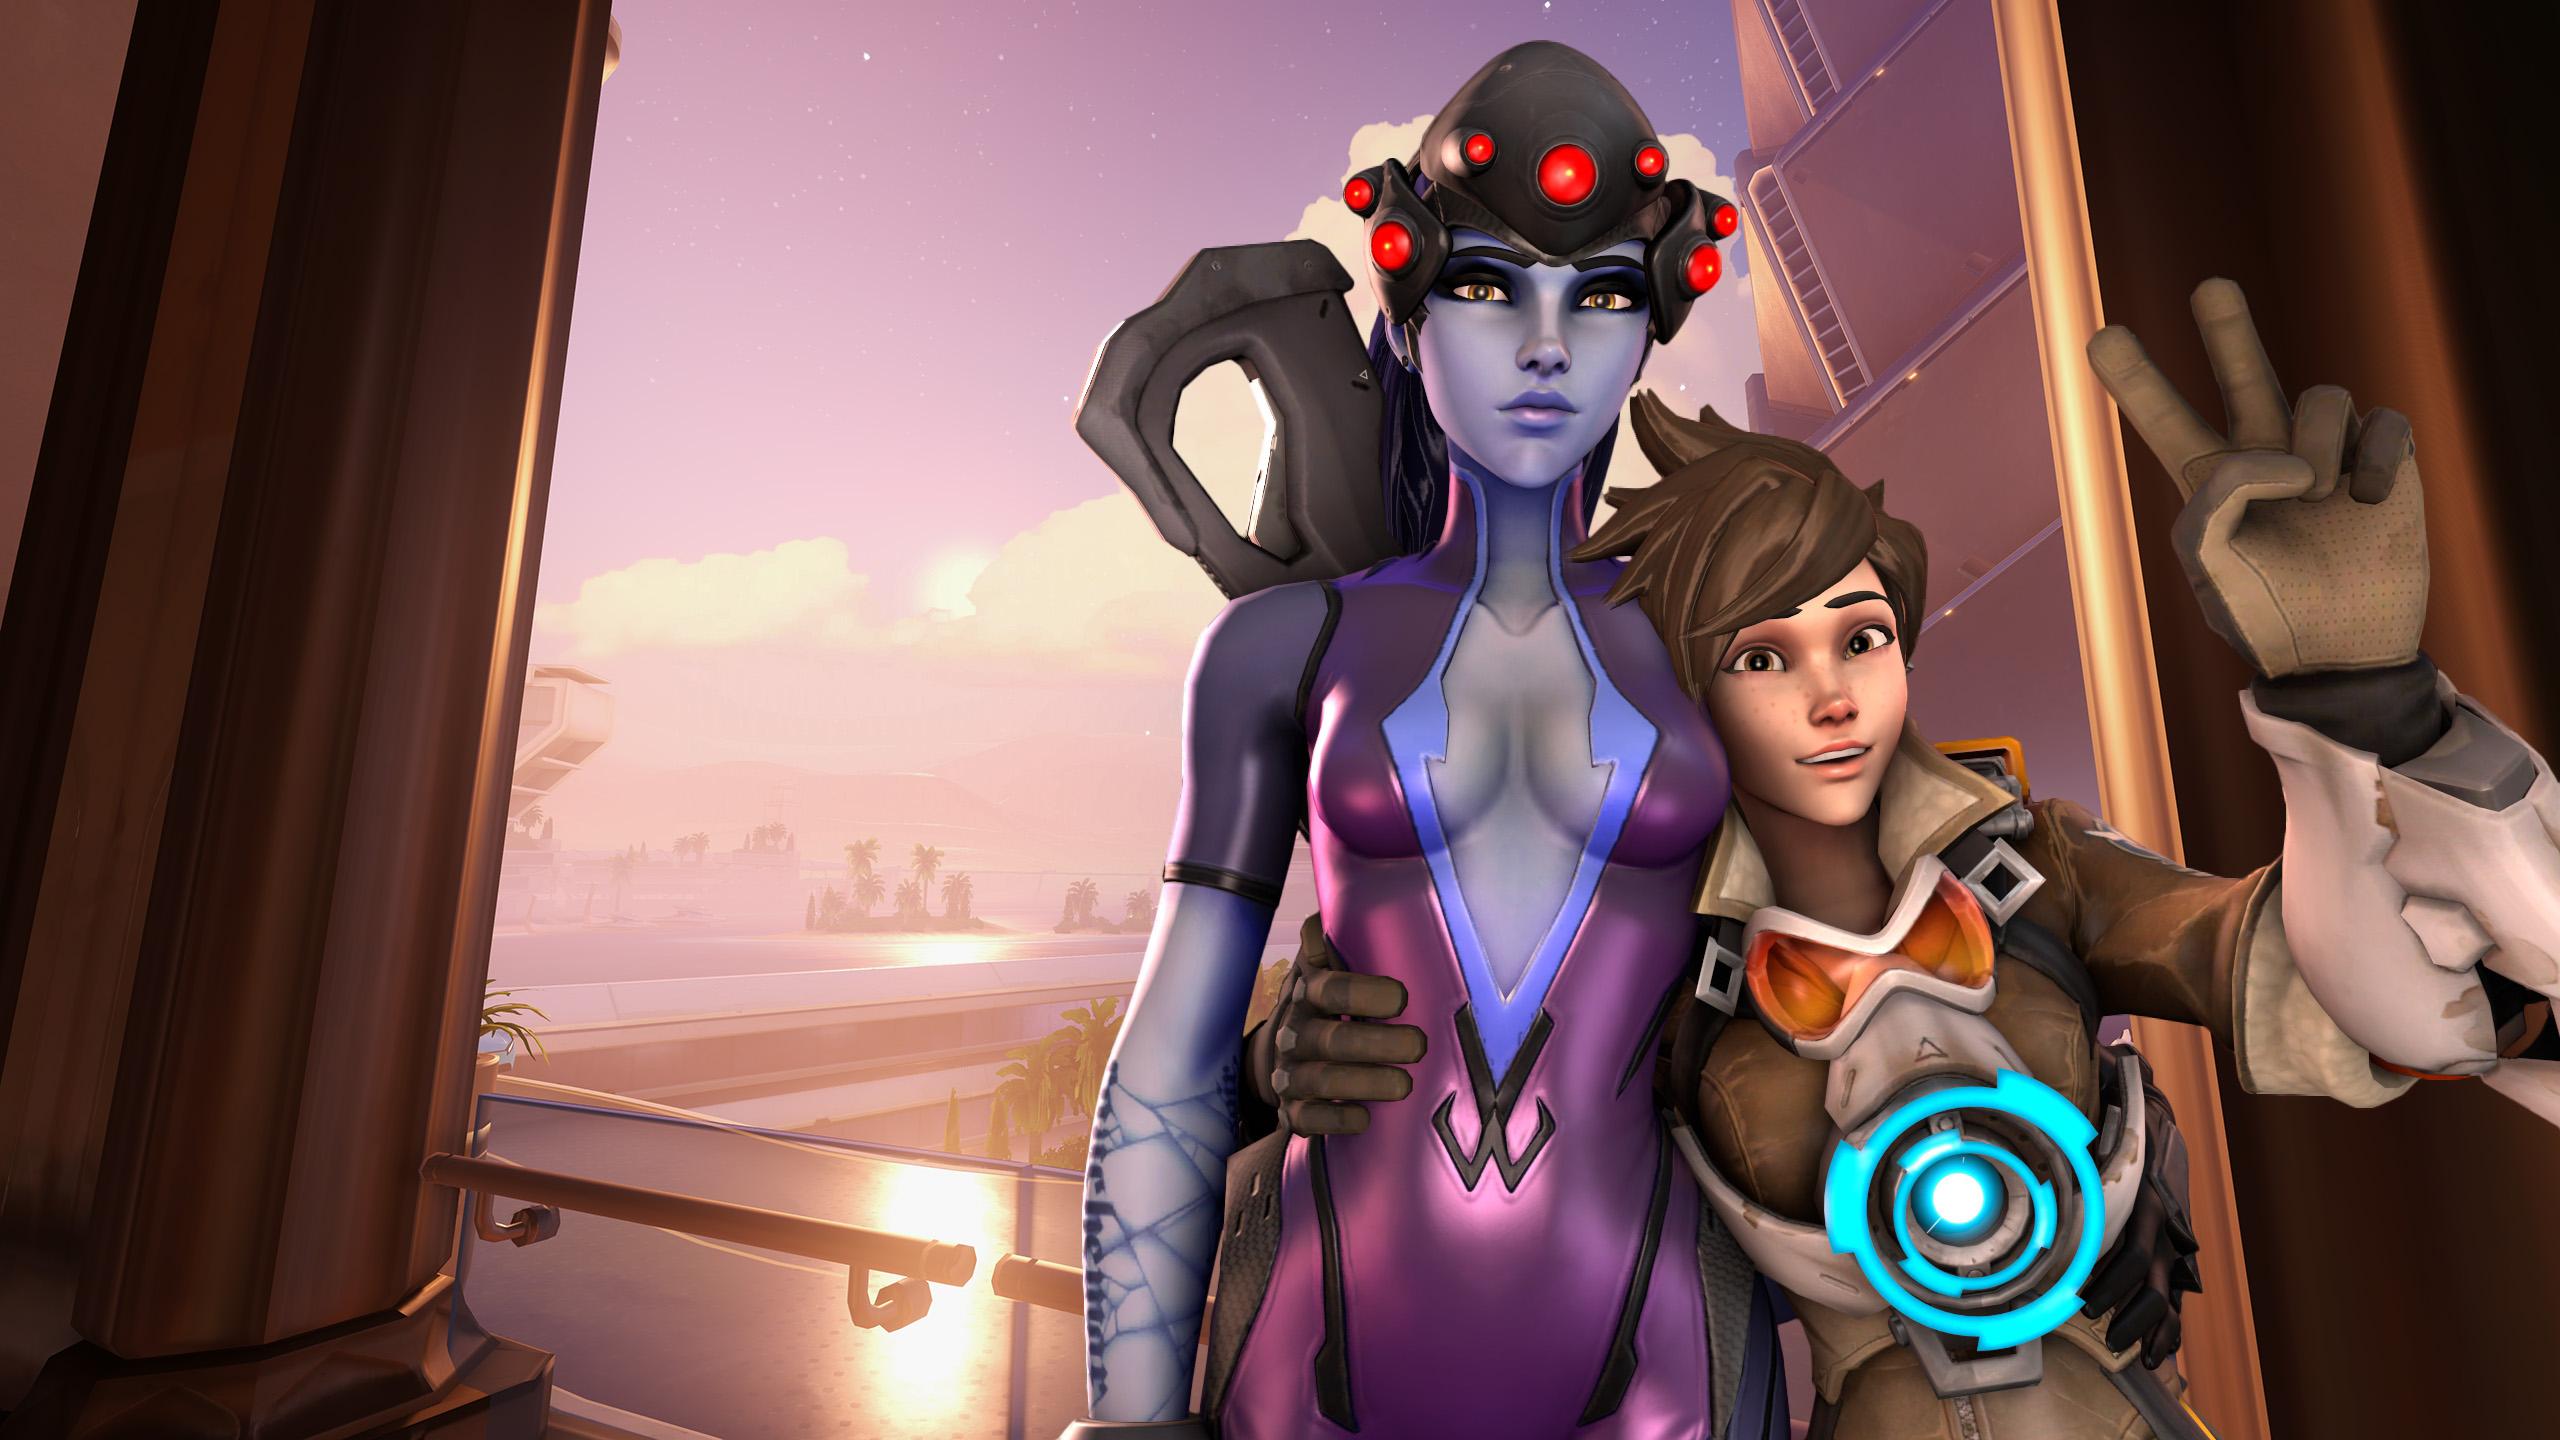 Overwatch: Tracer, Widowmaker